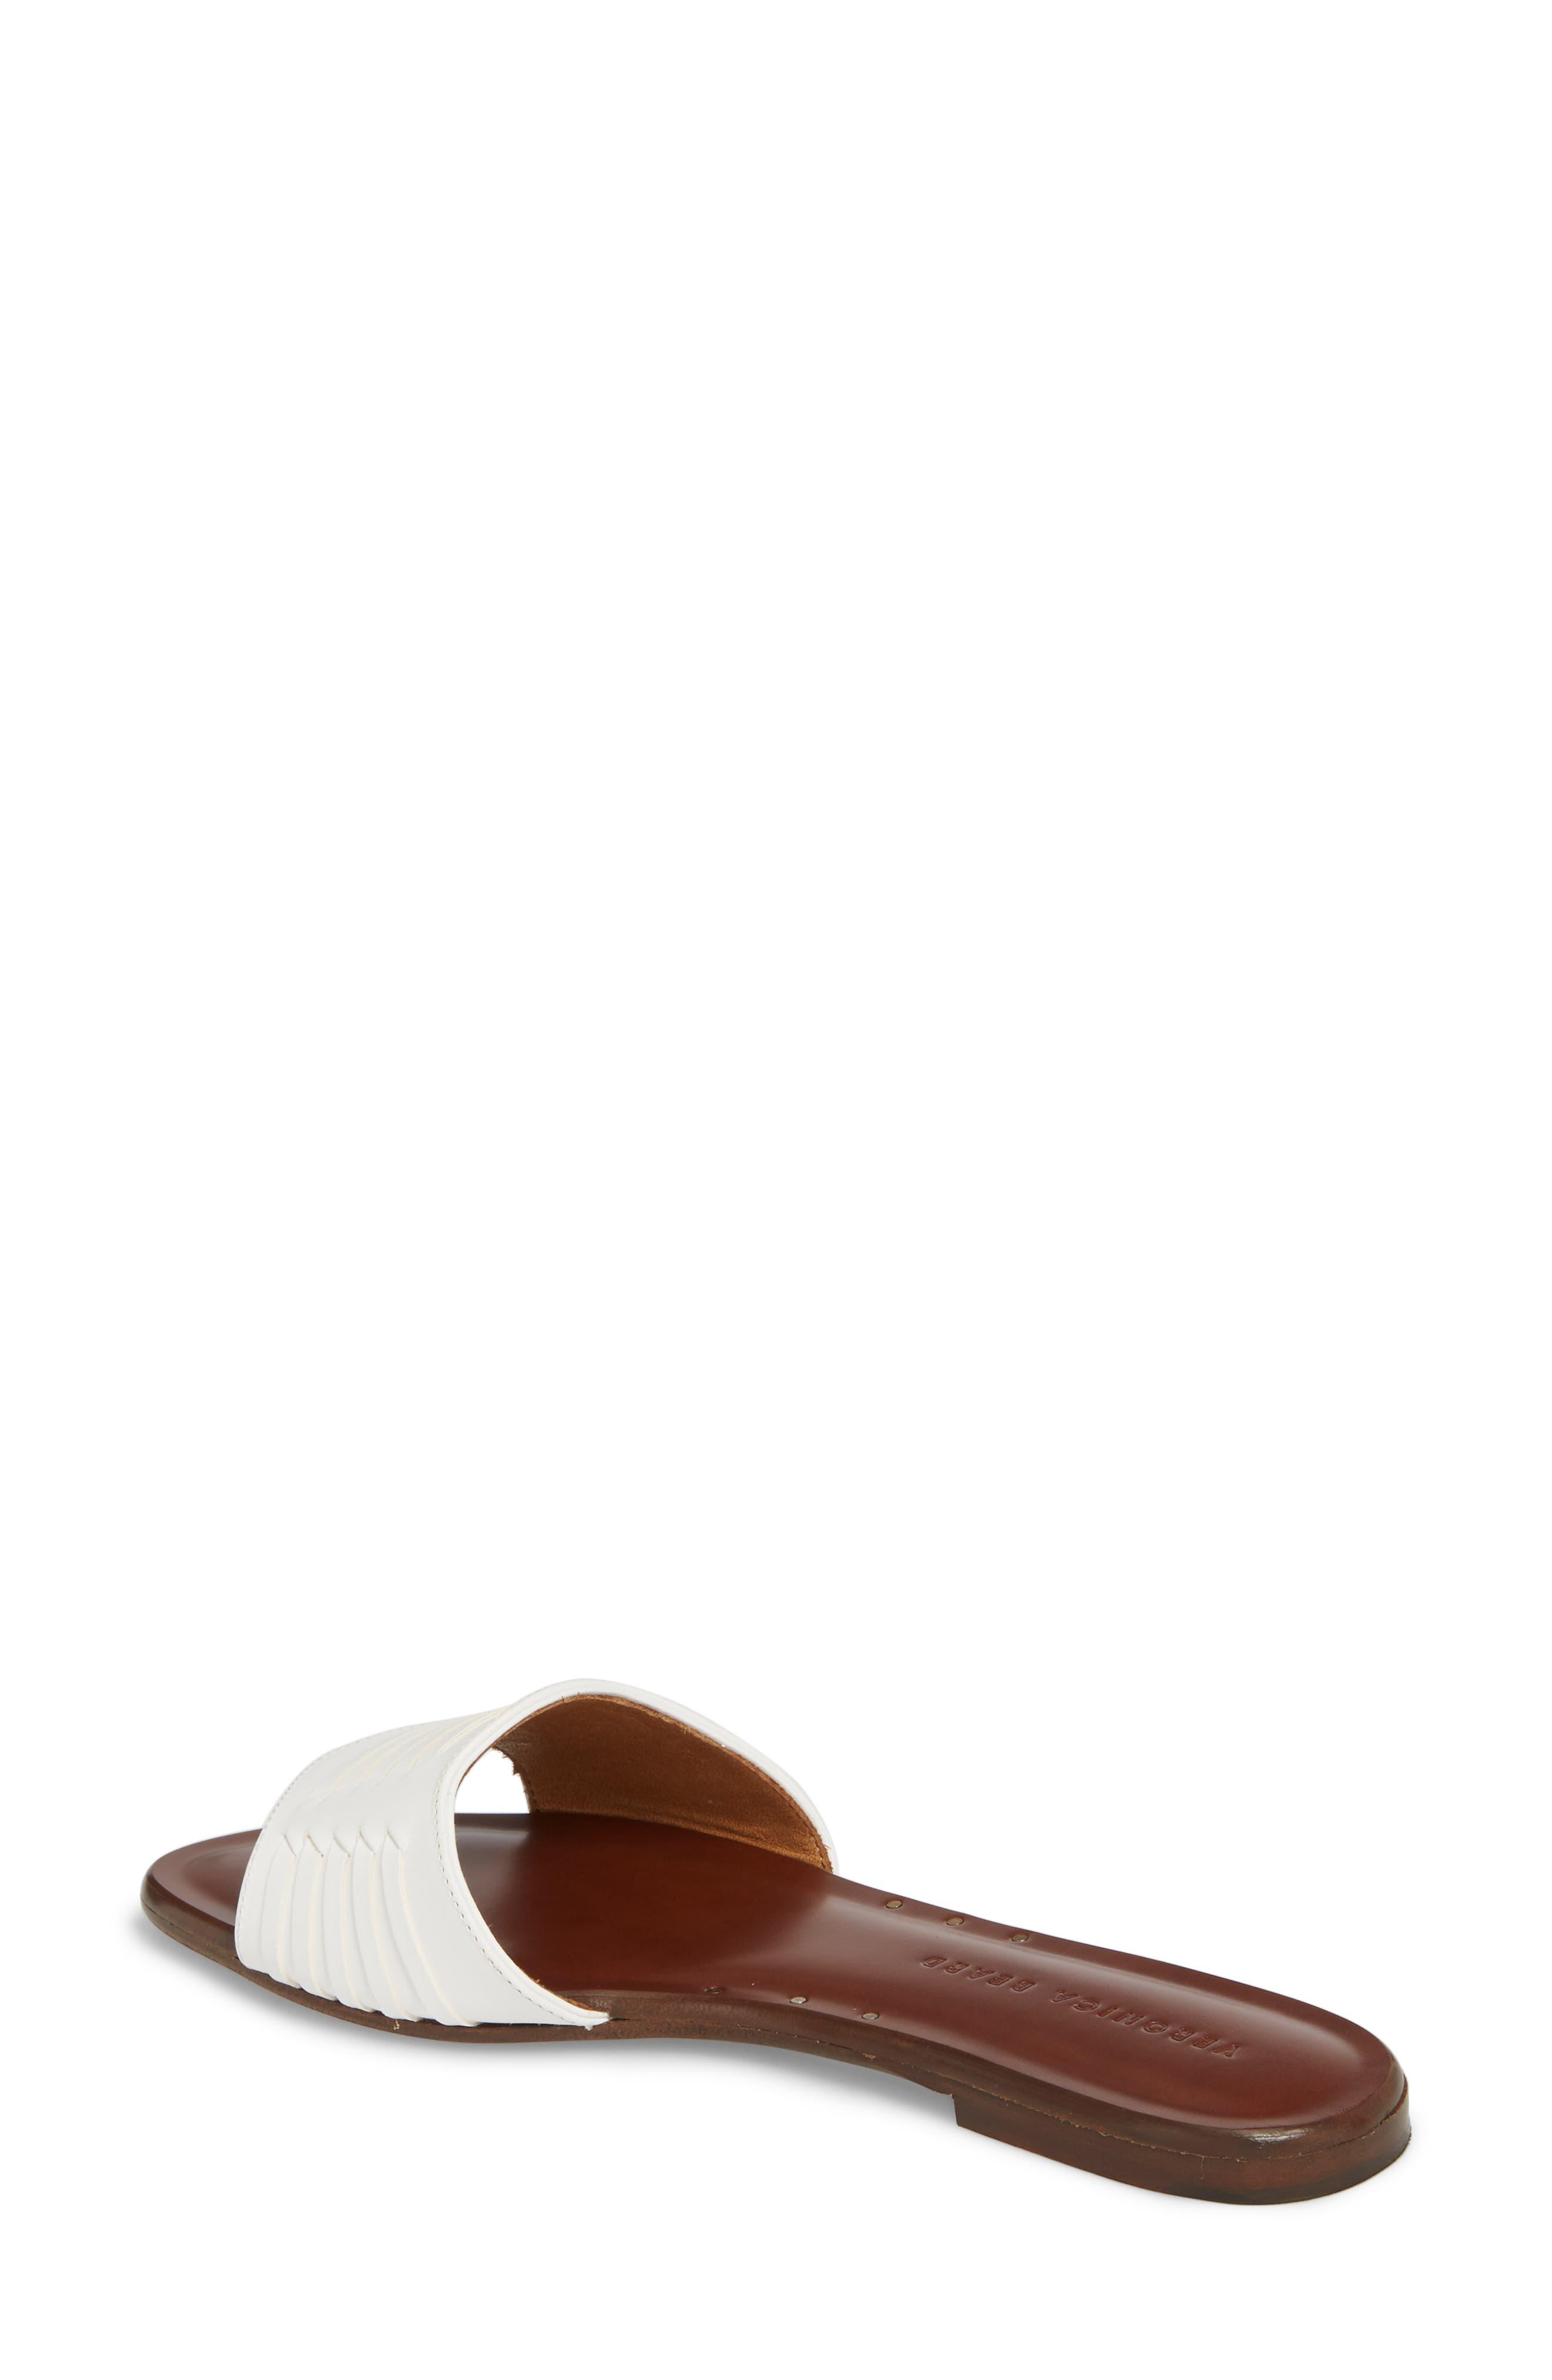 Faven Woven Slide Sandal,                             Alternate thumbnail 2, color,                             White